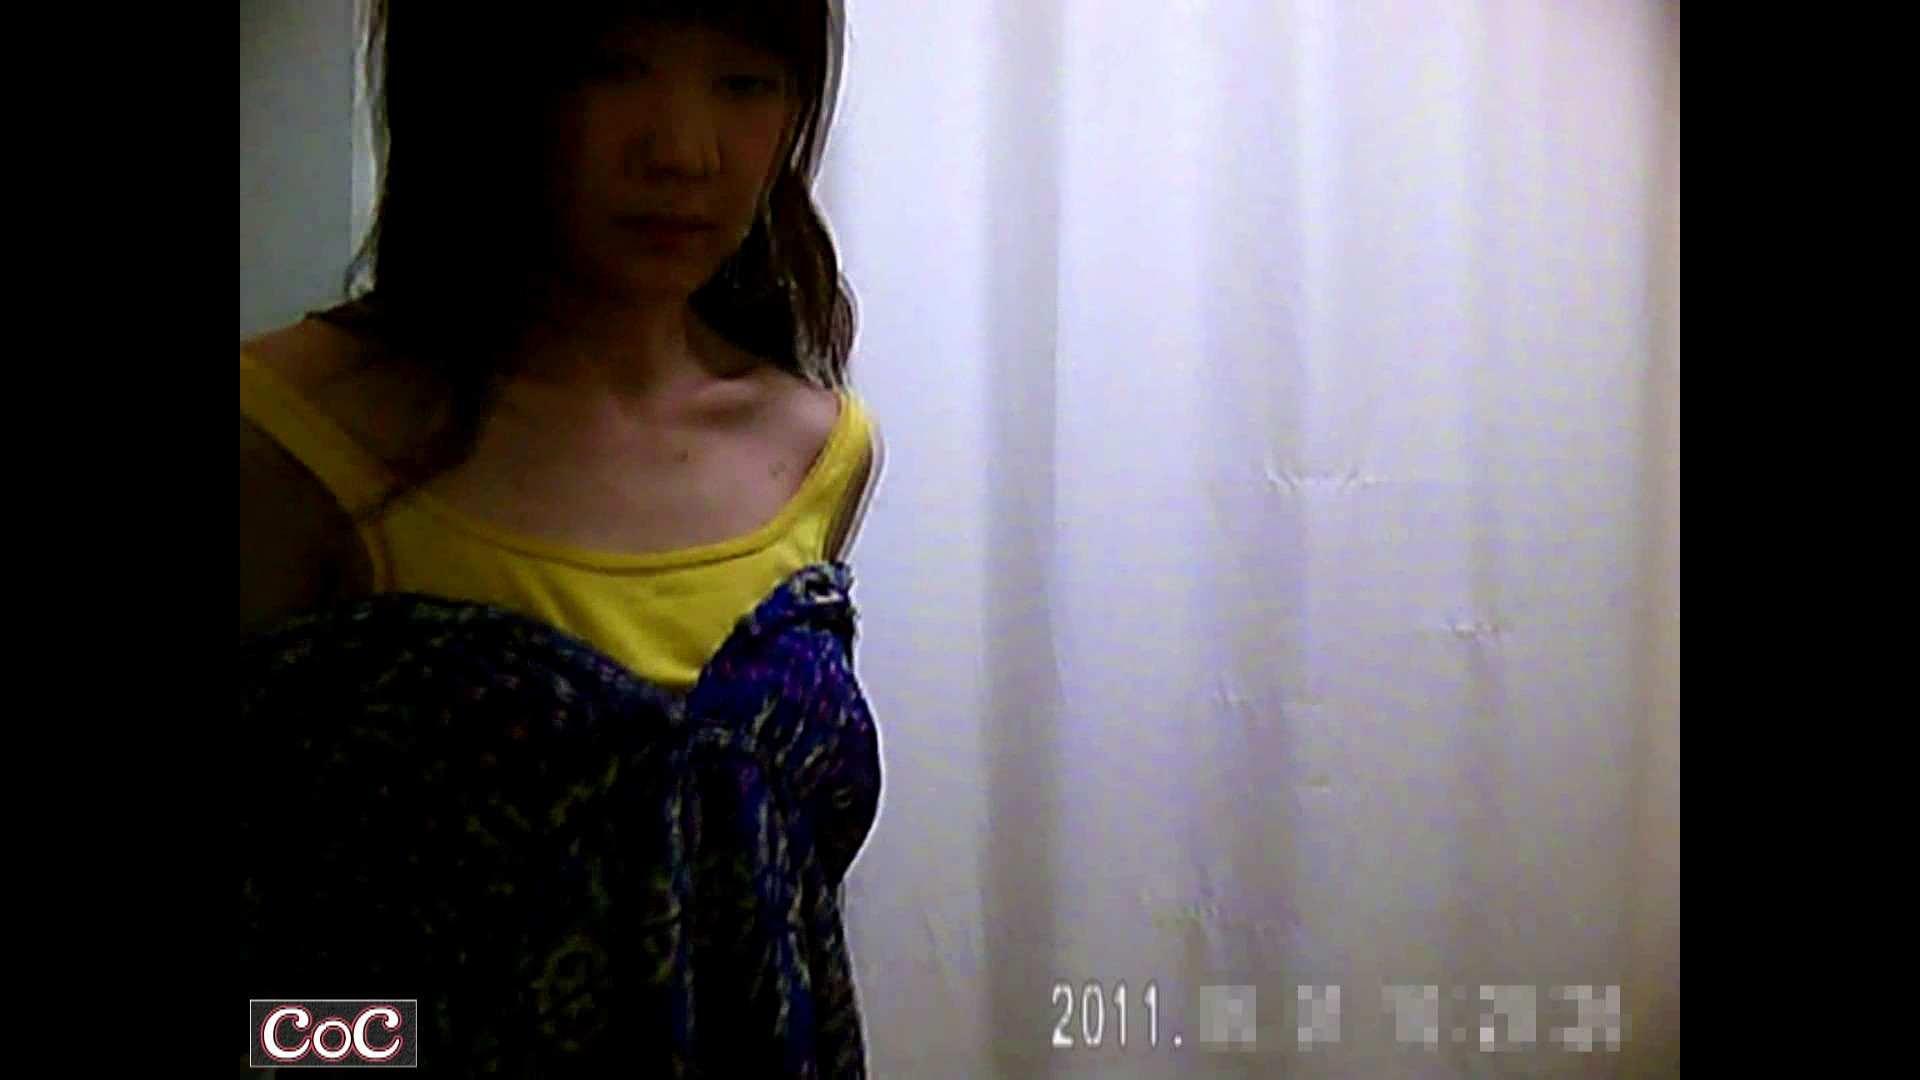 病院おもいっきり着替え! vol.02 OLヌード天国 オマンコ無修正動画無料 50PIX 23